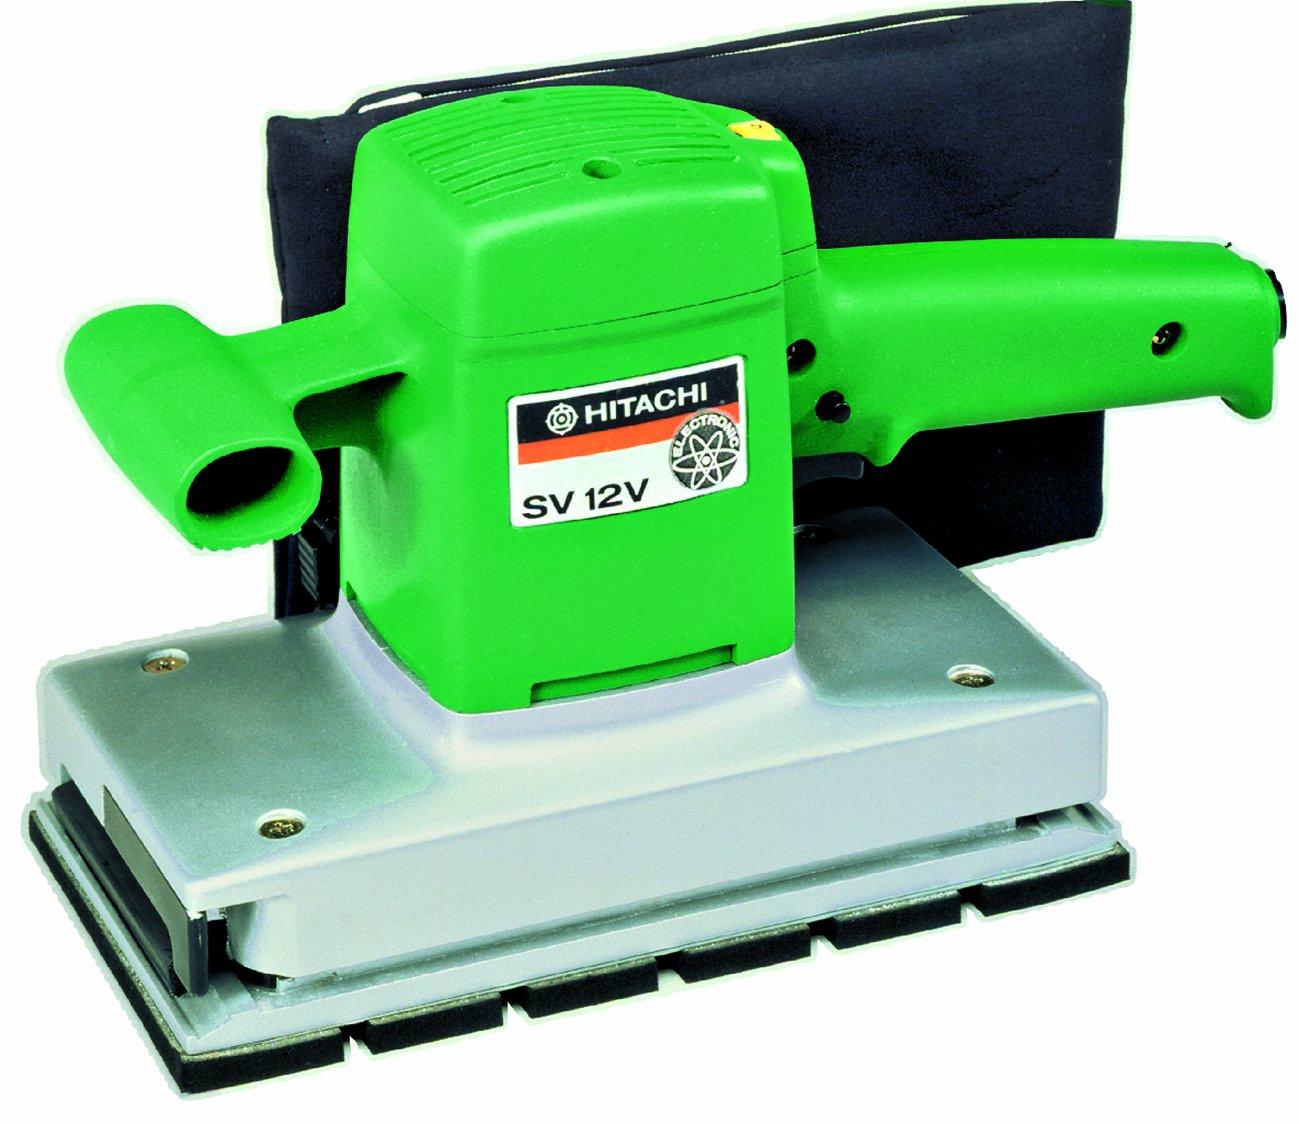 Hitachi SV 12V Schwingschleifer Schleifplatte 114x228mm Elektronik